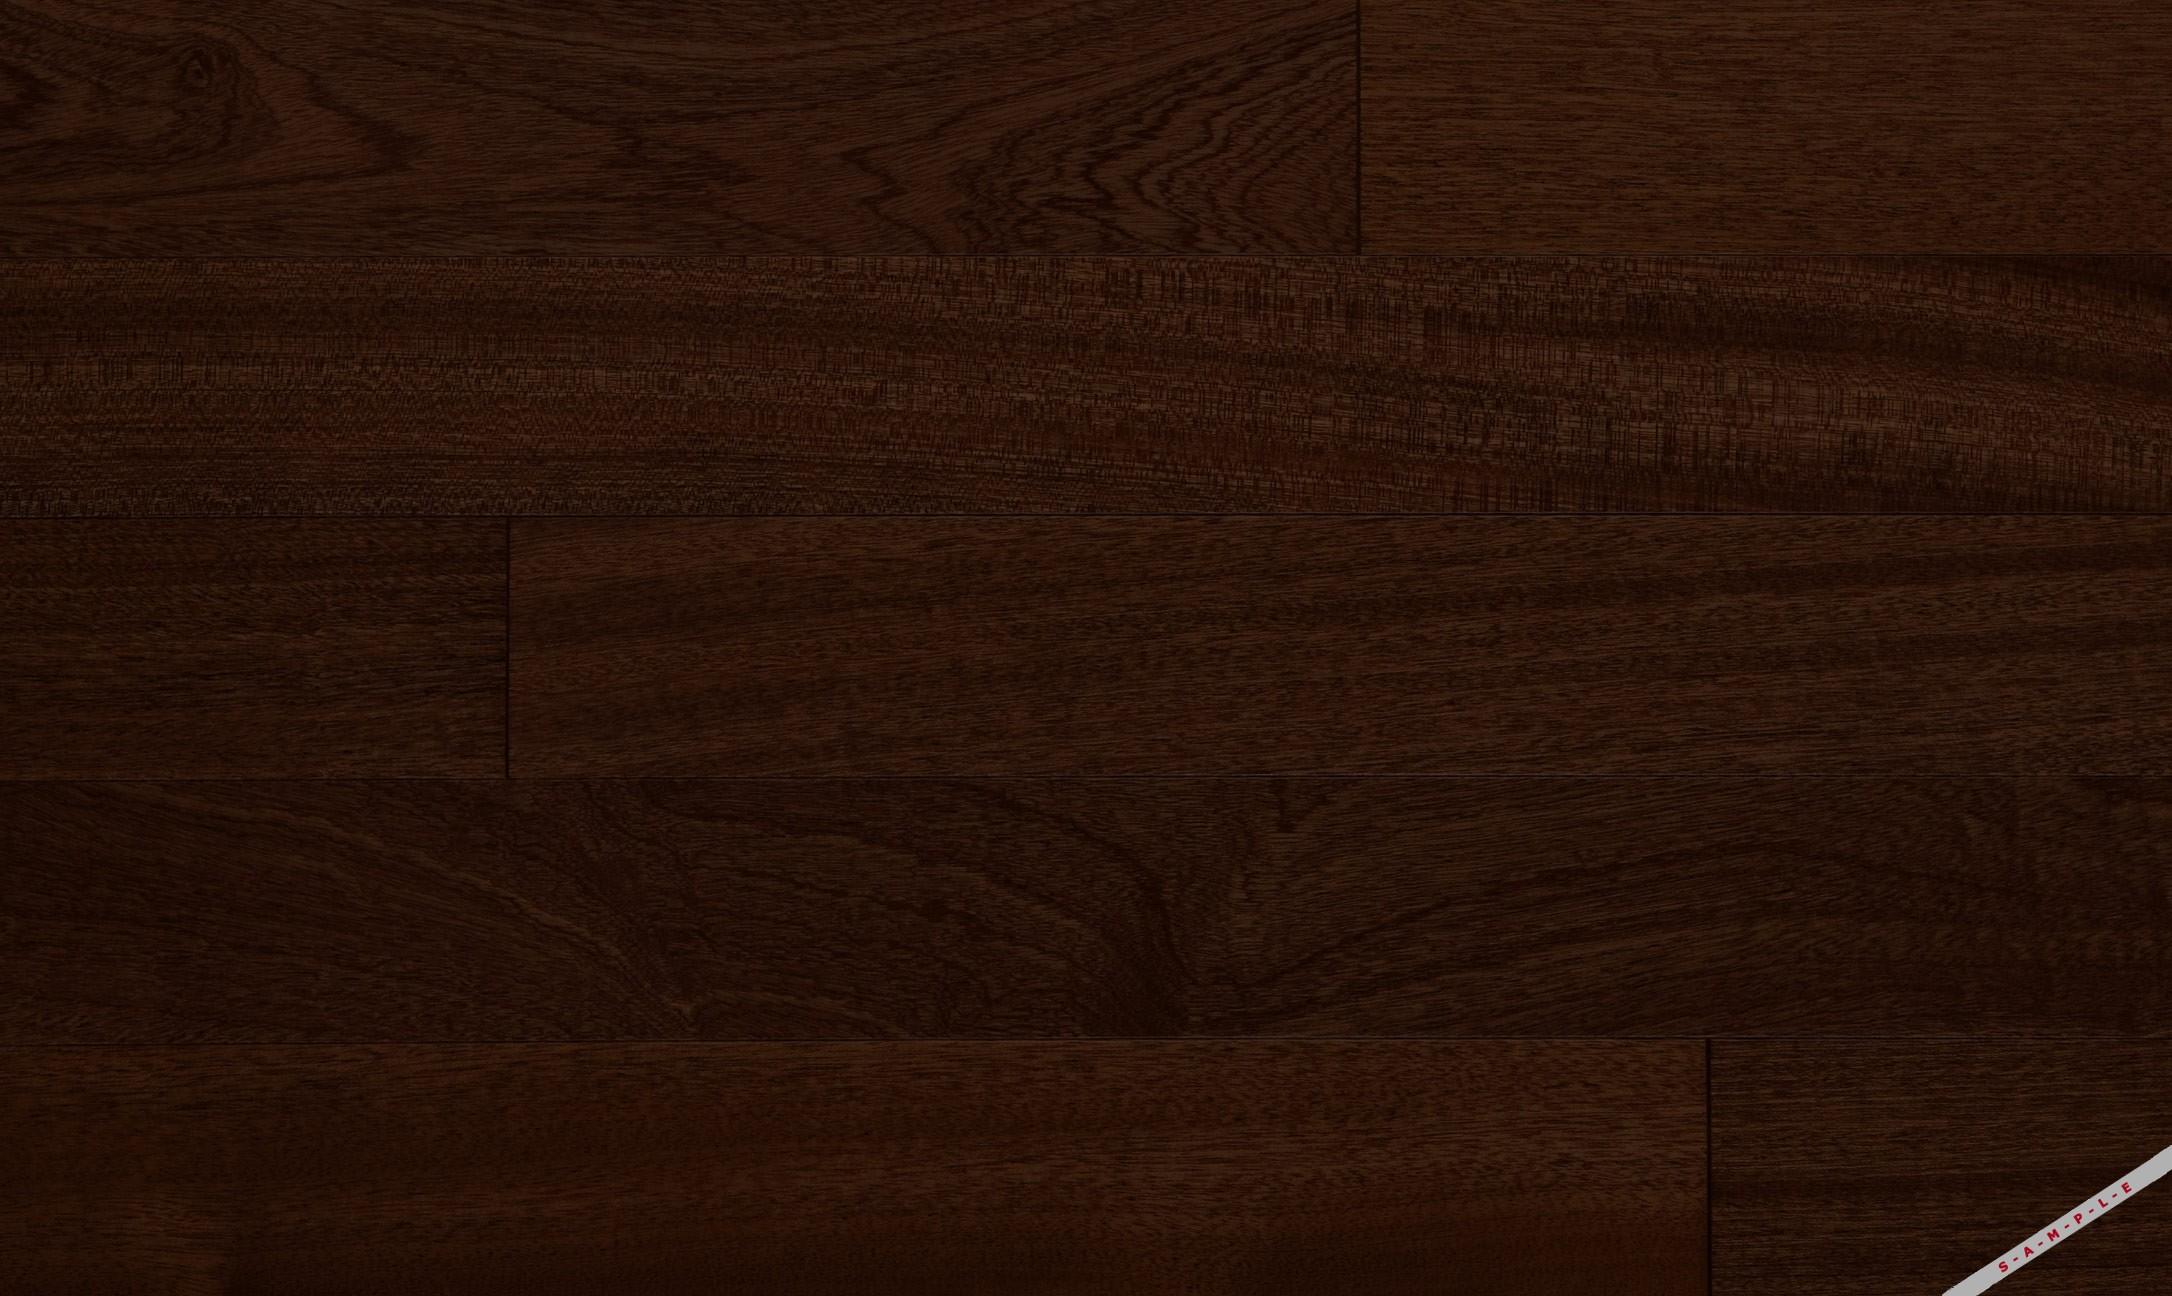 Mirage anada Flooring manufacturer - ^